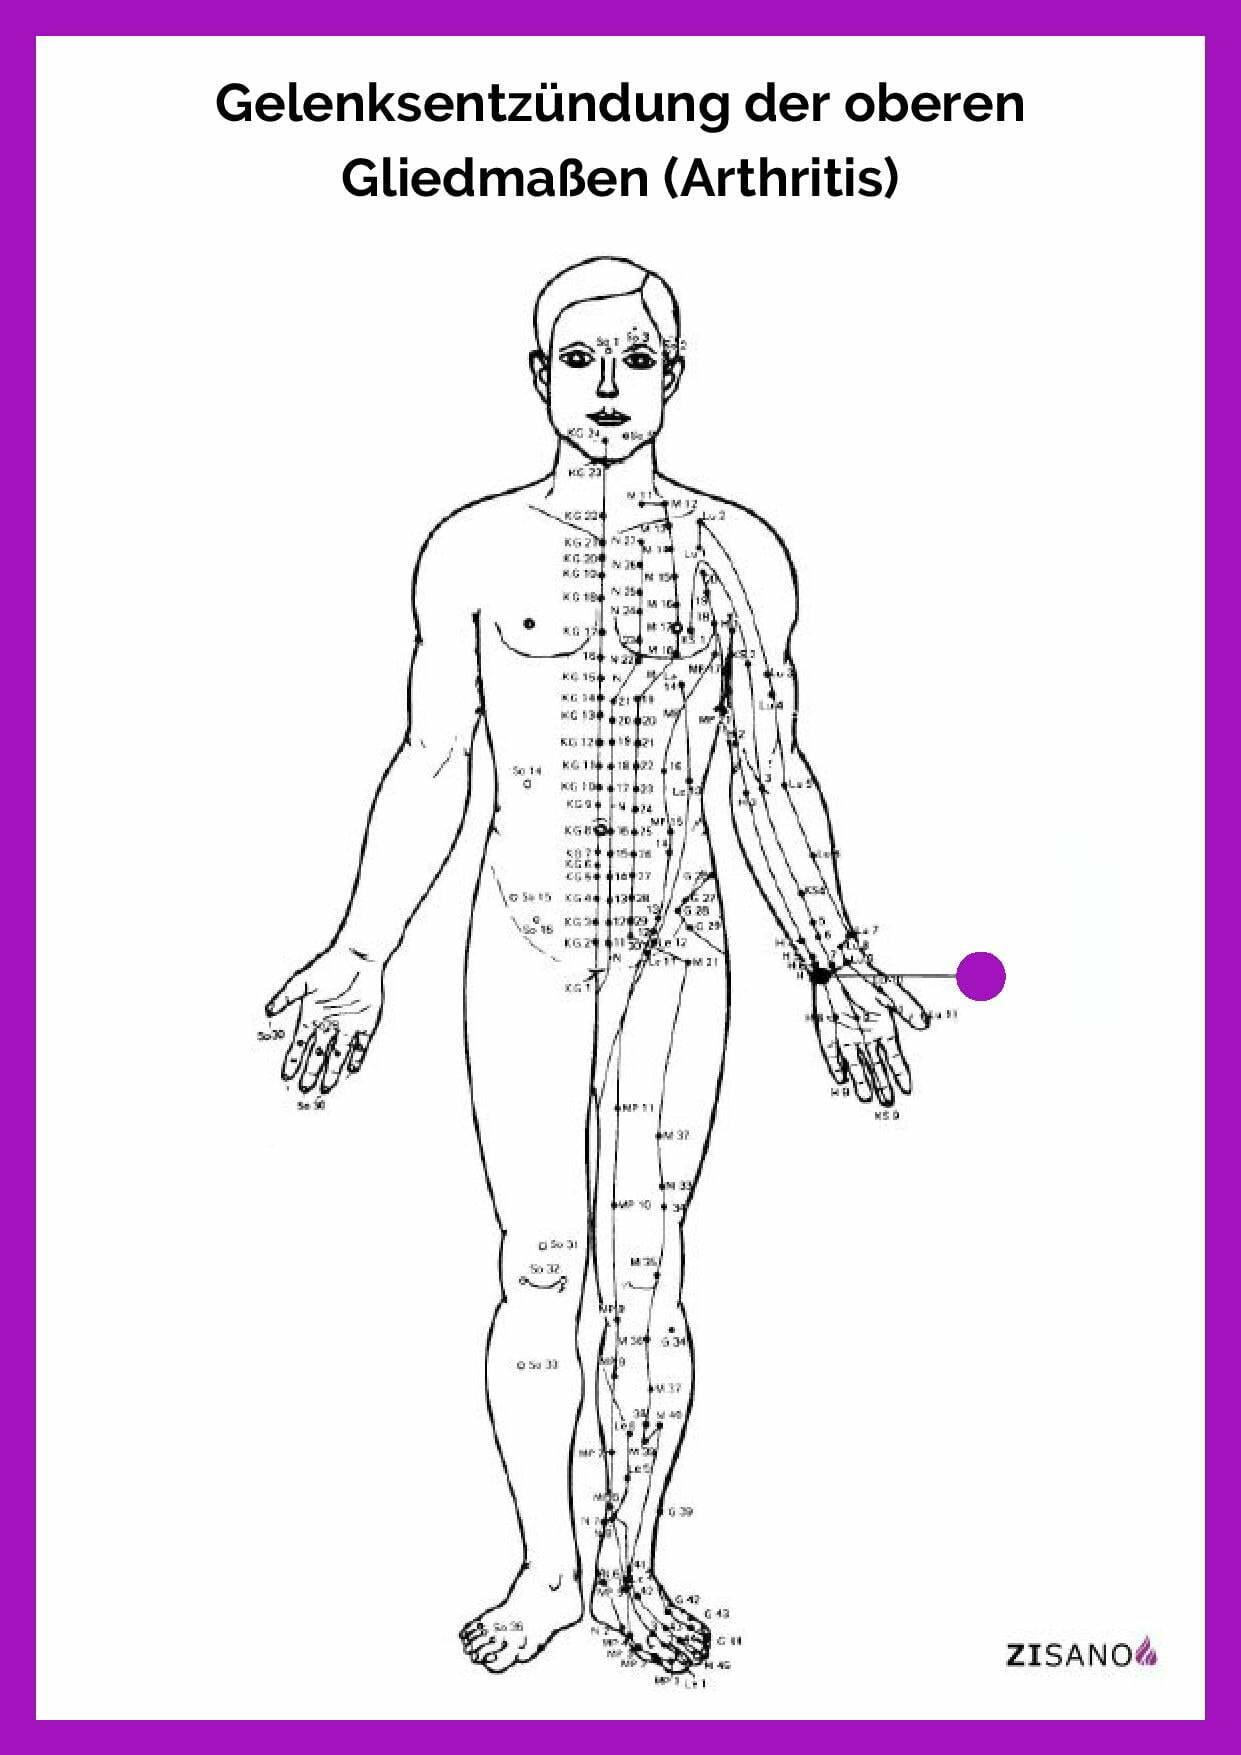 Meridiane - Gelenksentzündung der oberen Gliedmaßen (Arthritis)- Behandlung